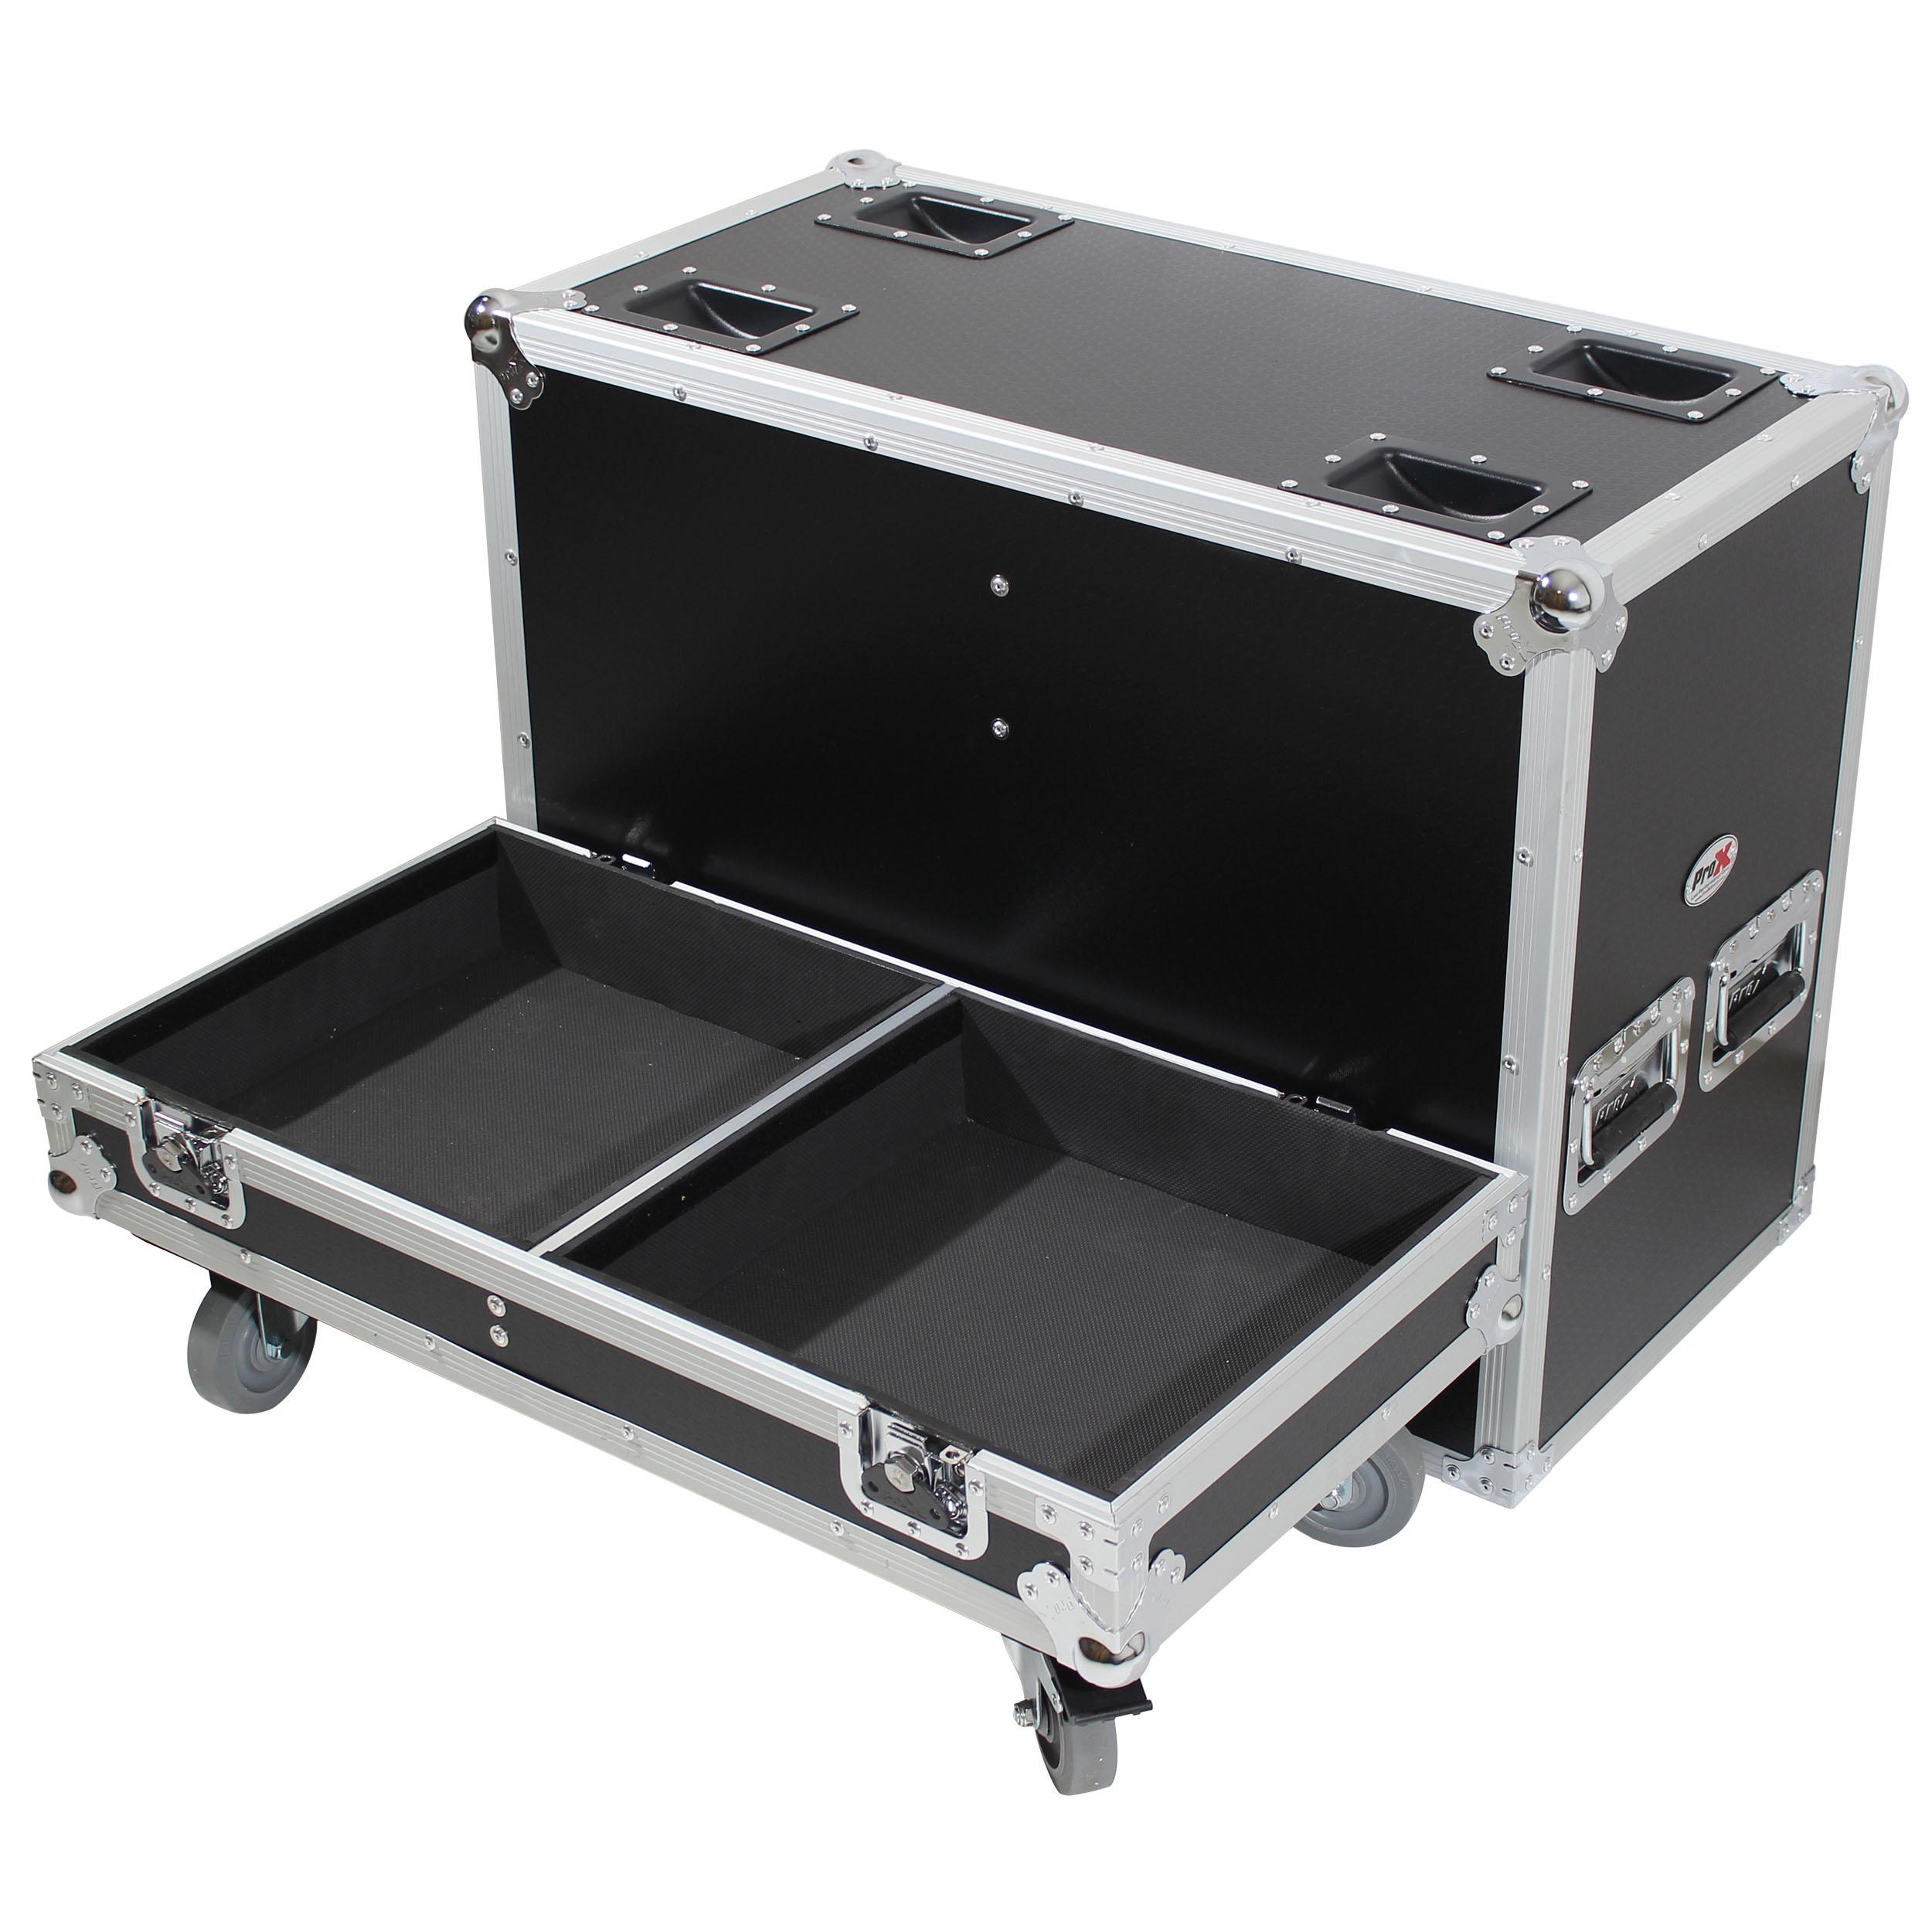 prox-xs-2x12spw---dual-12in-speaker-flight-case.jpeg